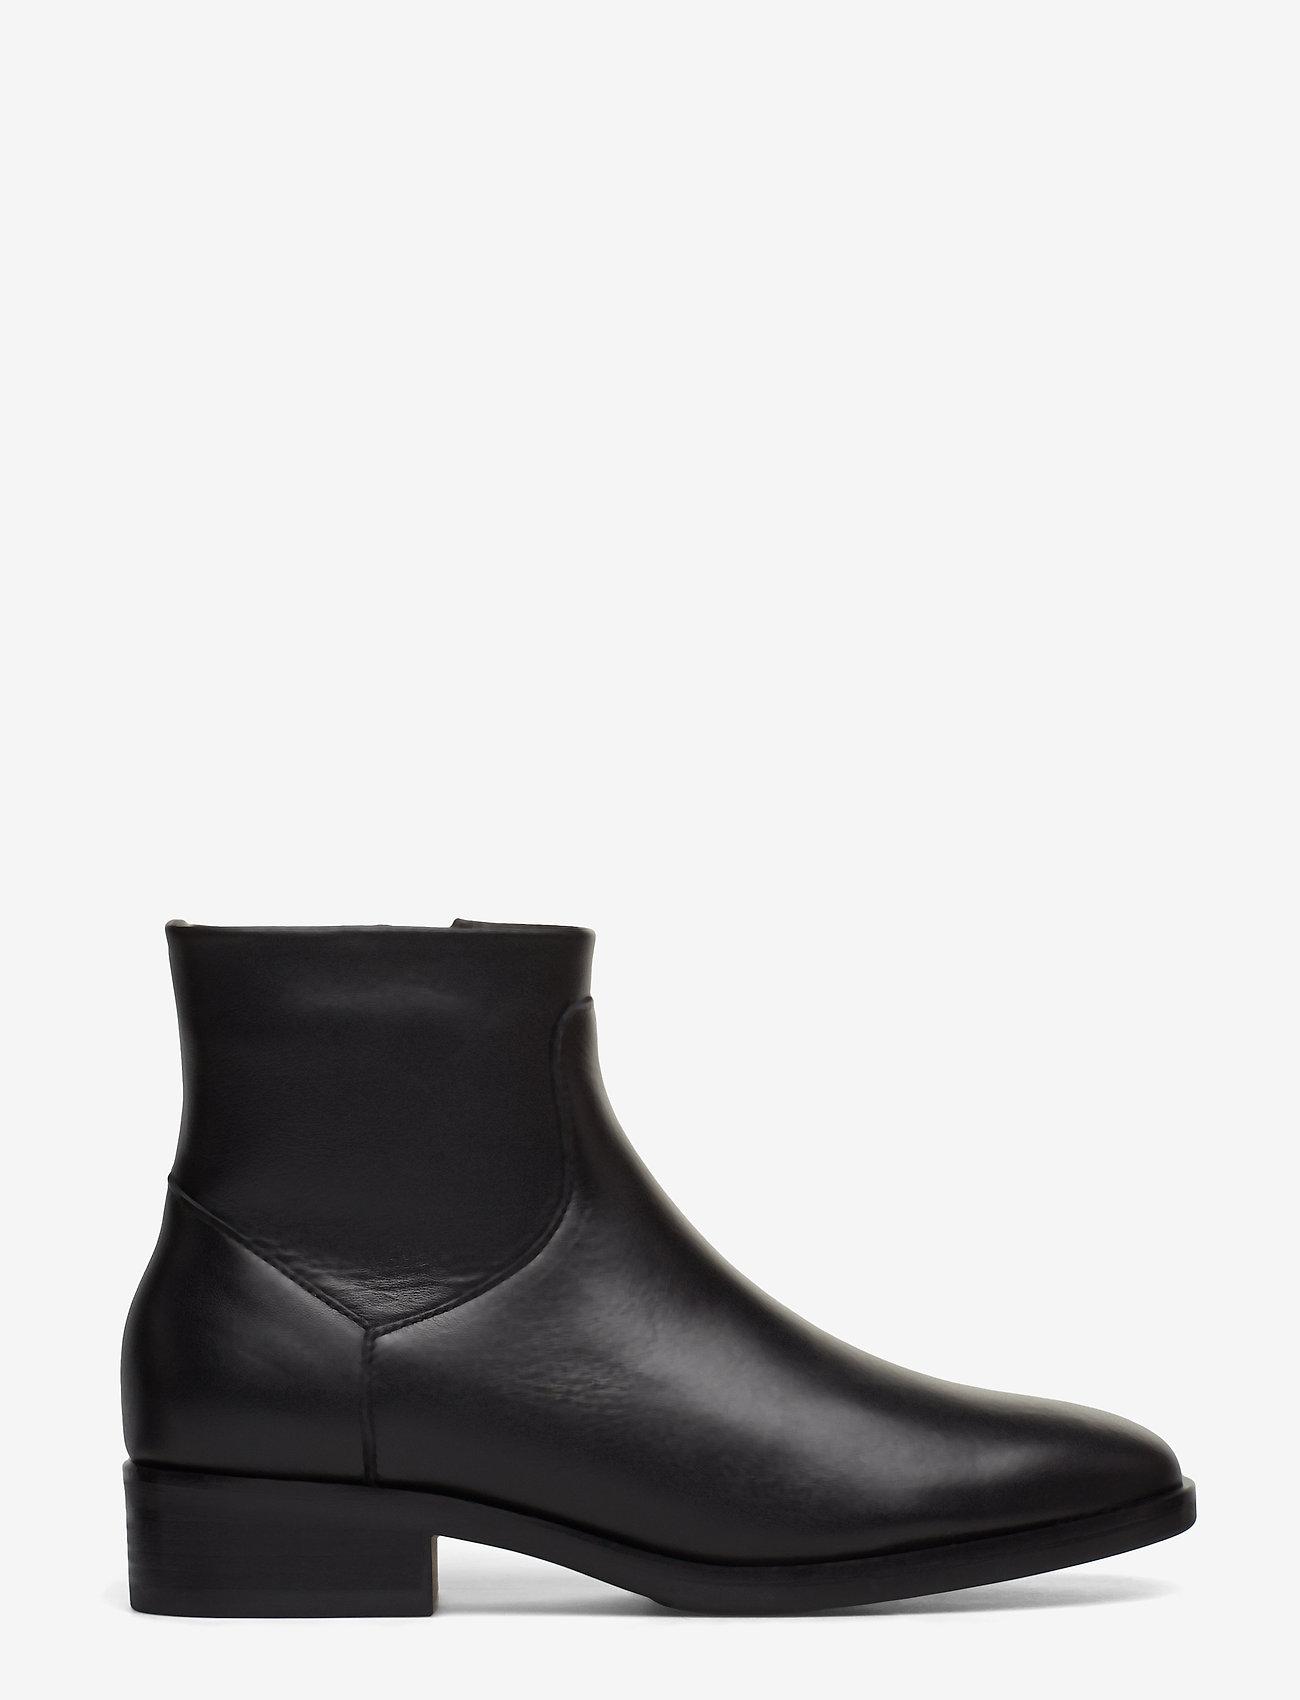 Clarks - Pure Rosa - flade ankelstøvler - black leather - 1